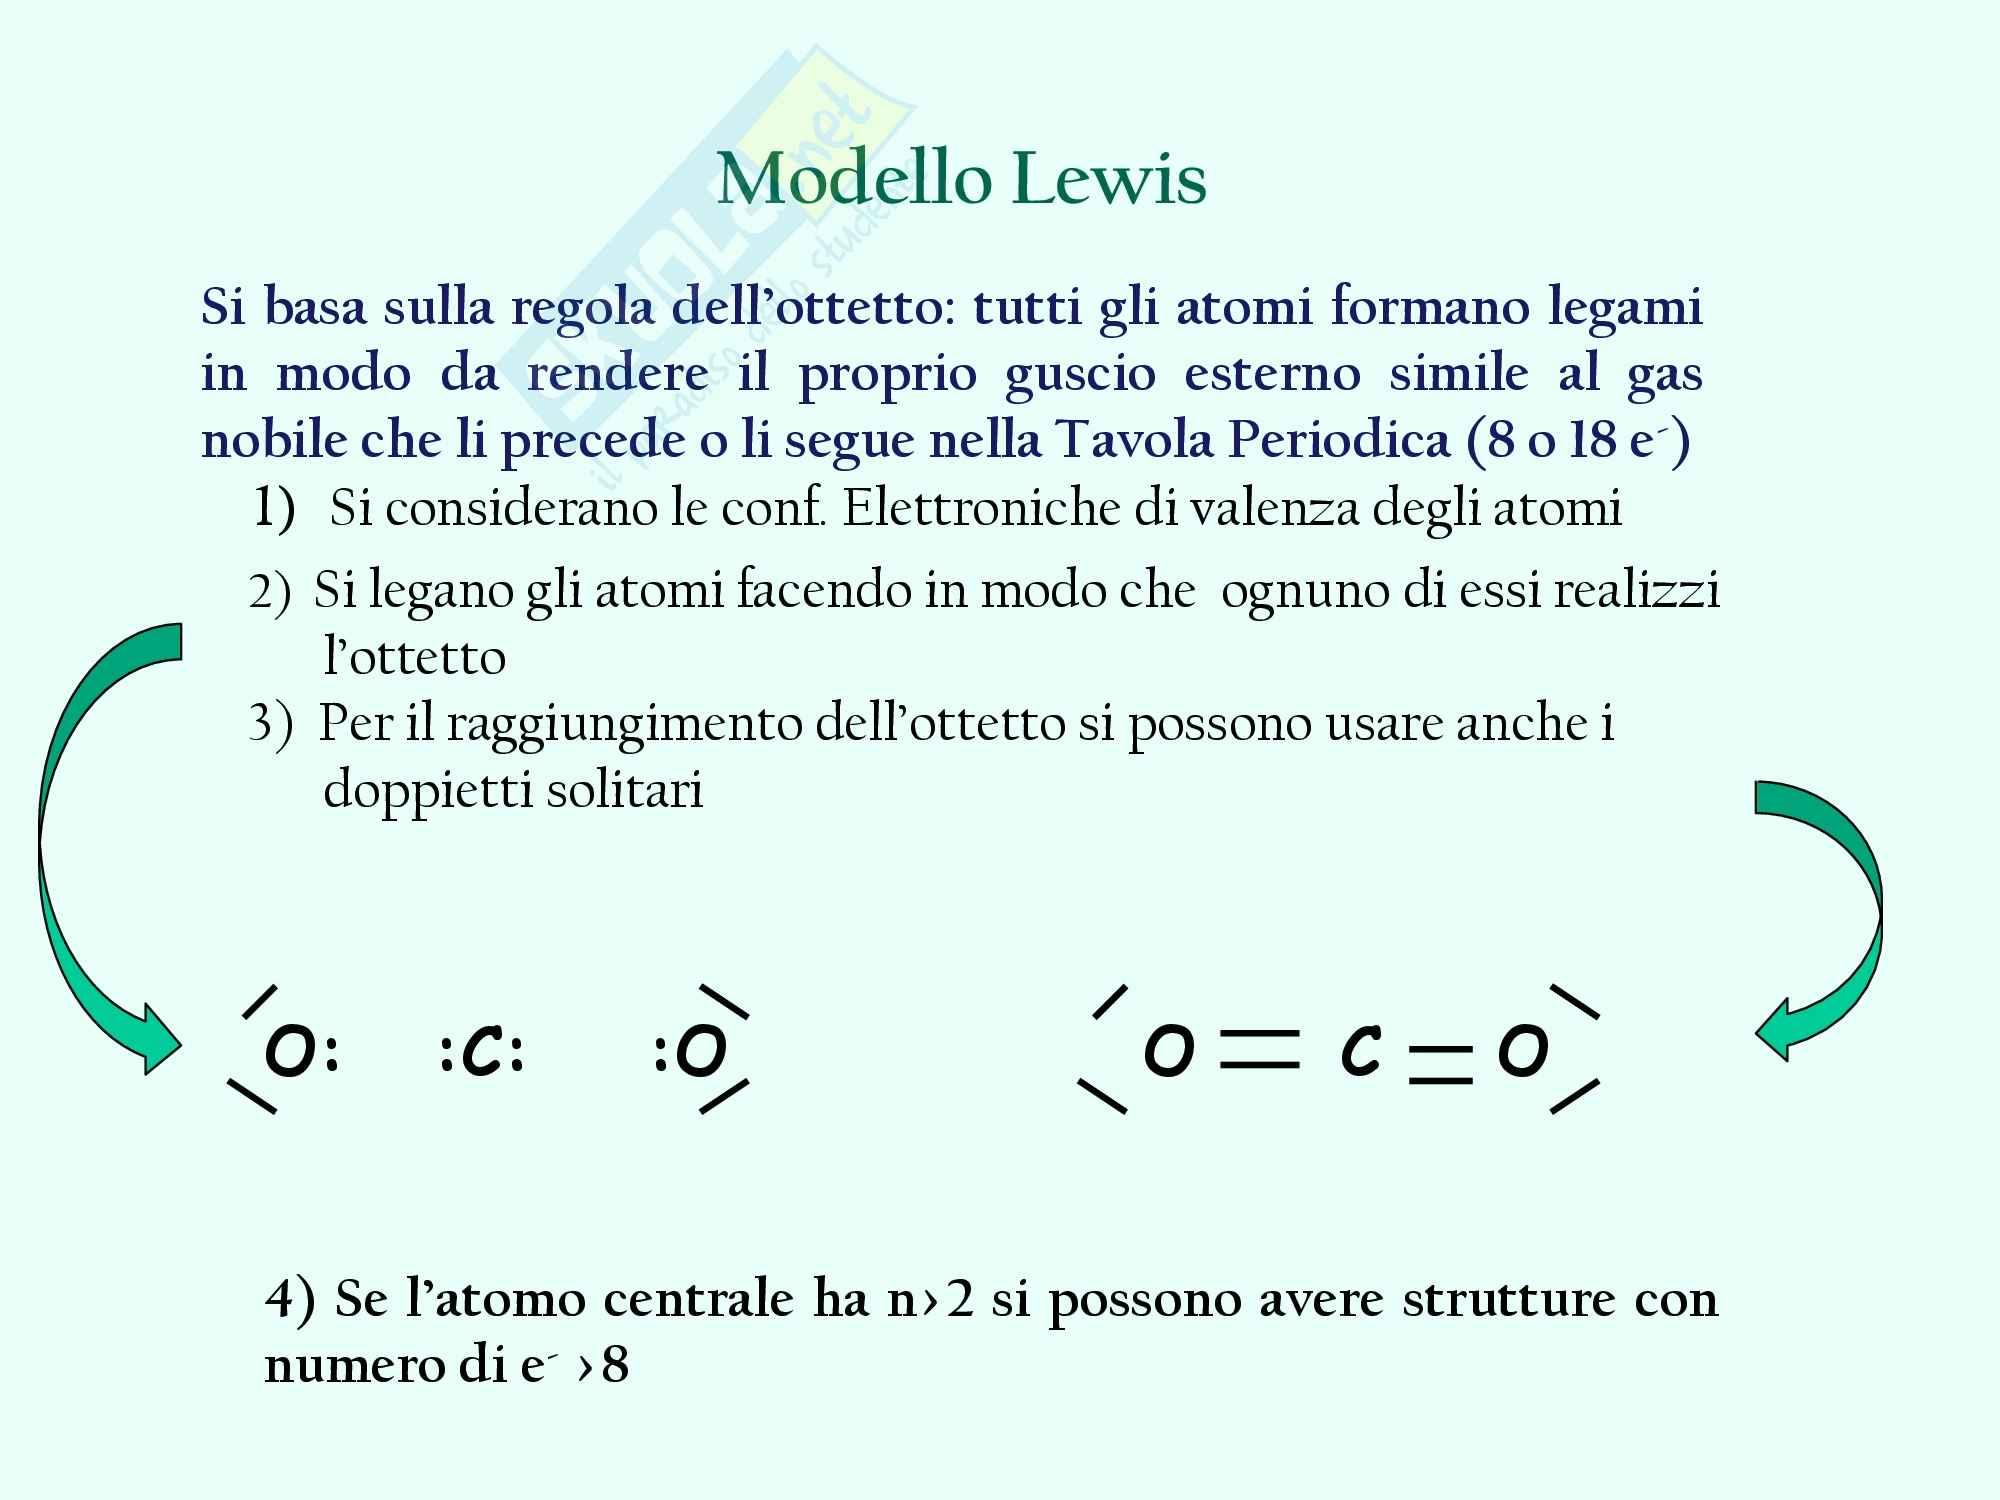 Chimica generale e inorganica - il modello Lewis